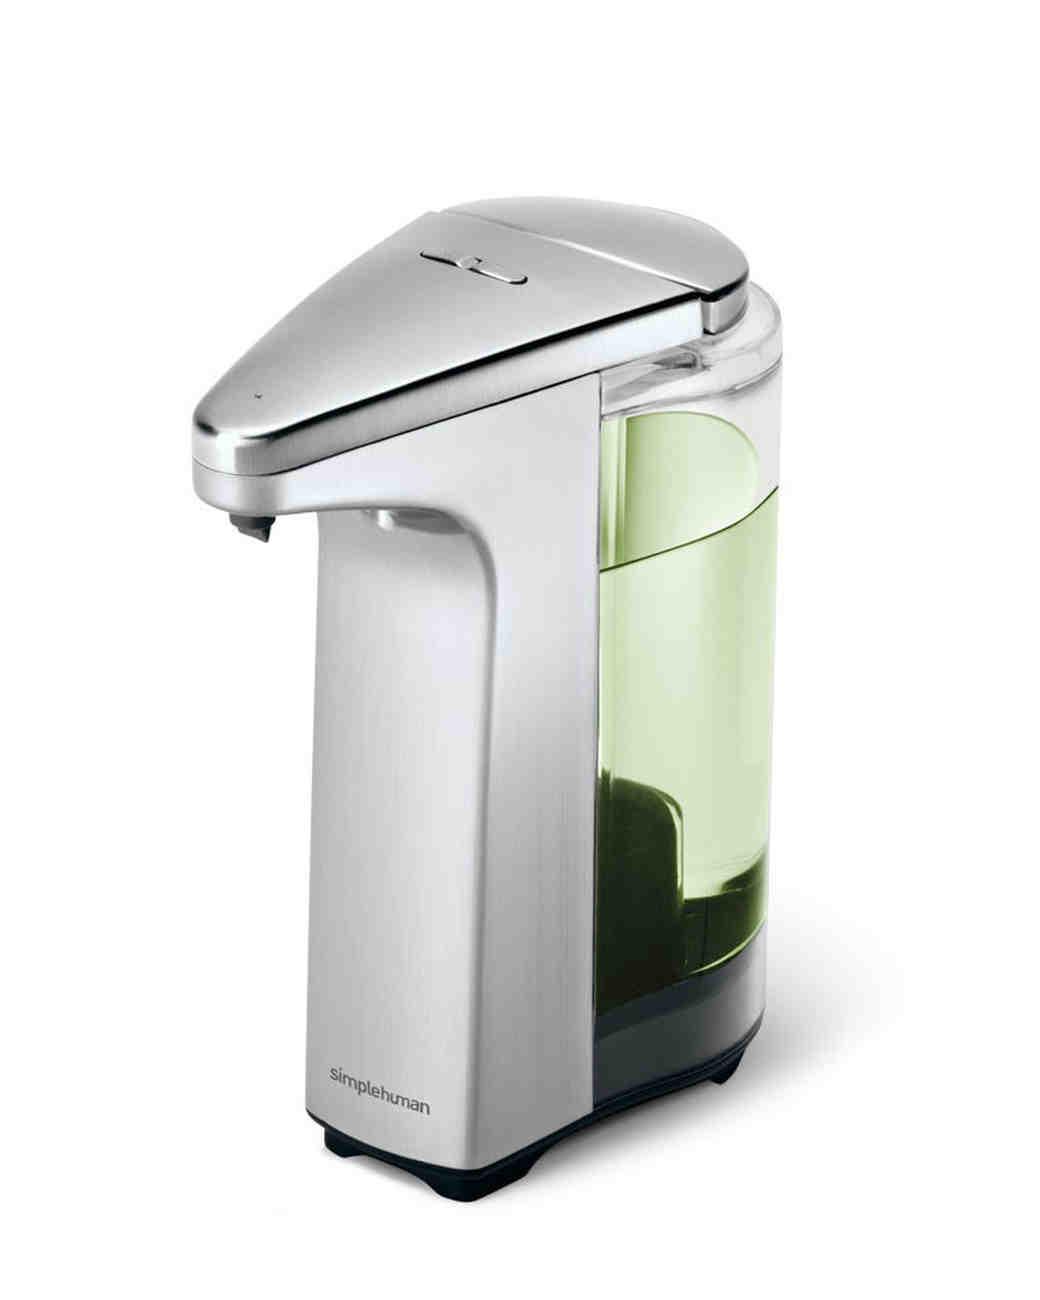 pump soap dispenser